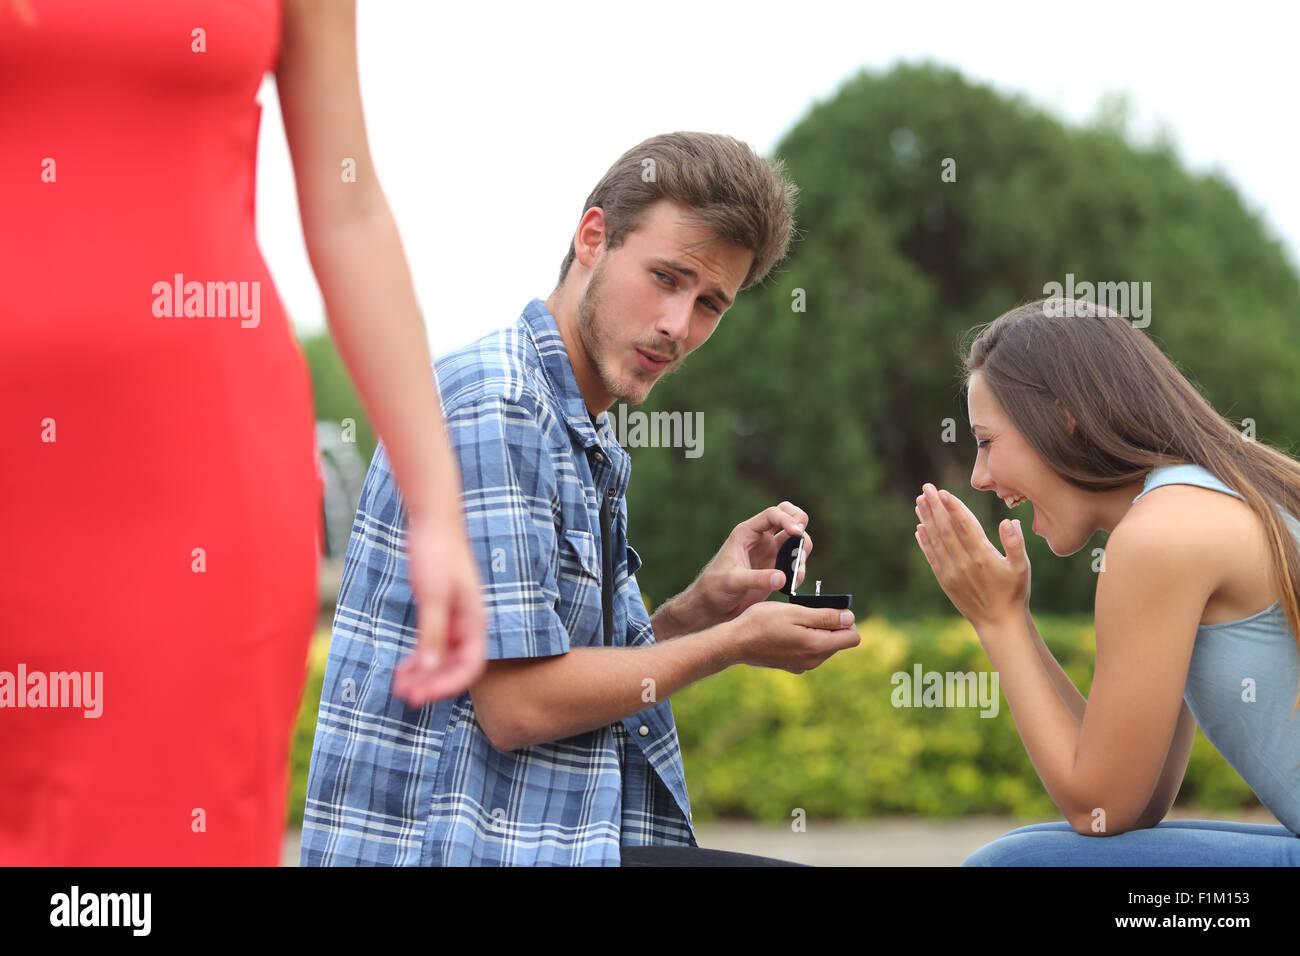 Homme tricheur triche durant une proposition de mariage avec son innocente petite amie Photo Stock